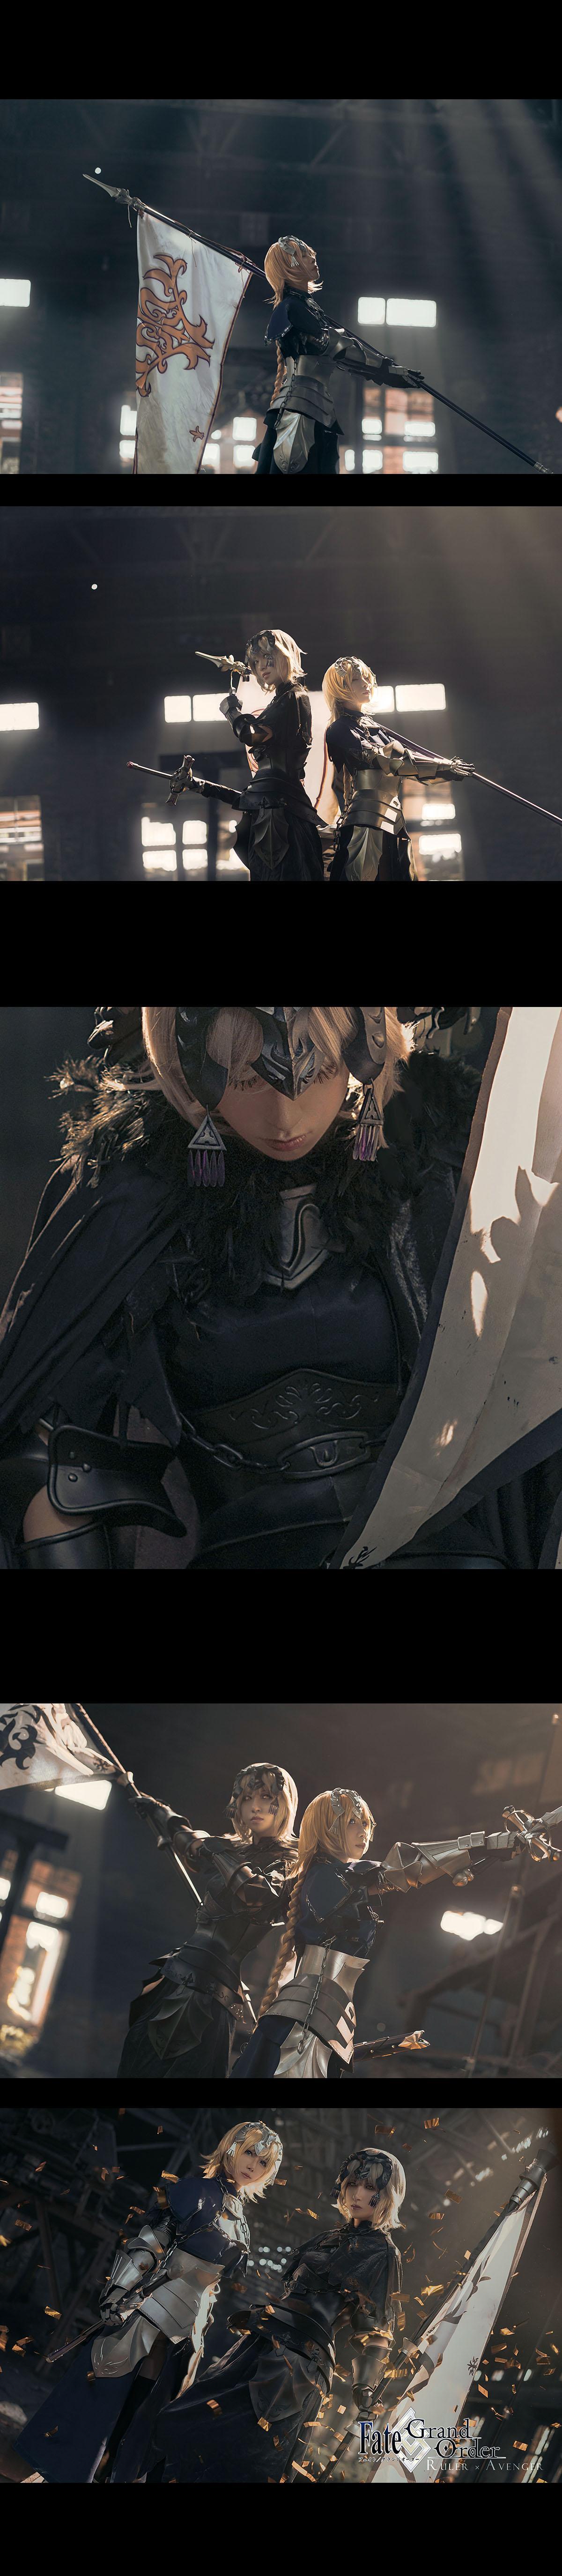 《FATE/GRAND ORDER》贞德cosplay【CN:千里看着你的脑洞说】-第12张